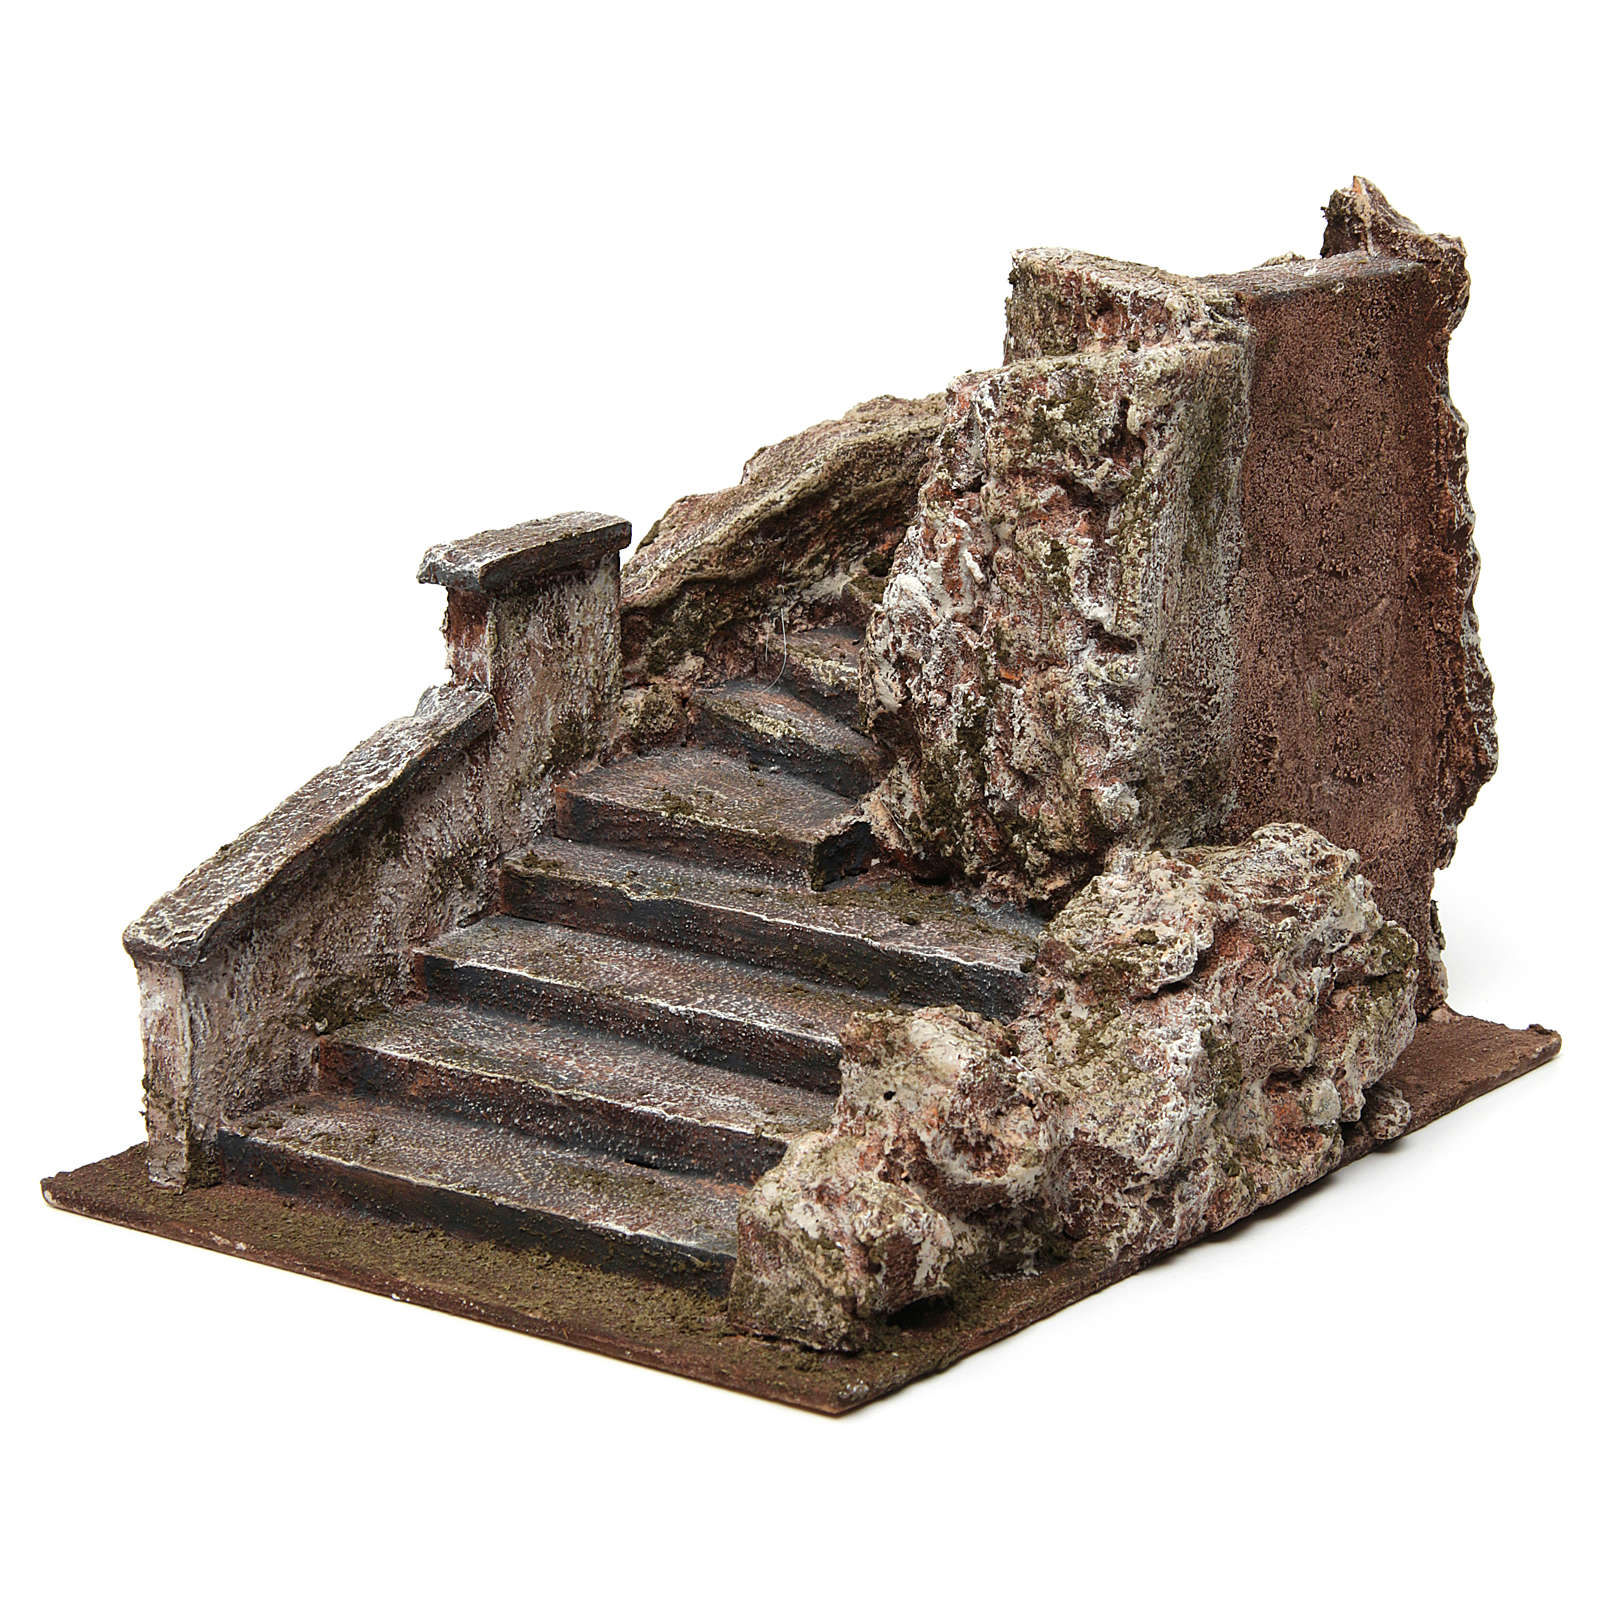 Escalera belén tipo roca 15x15x25 cm 4